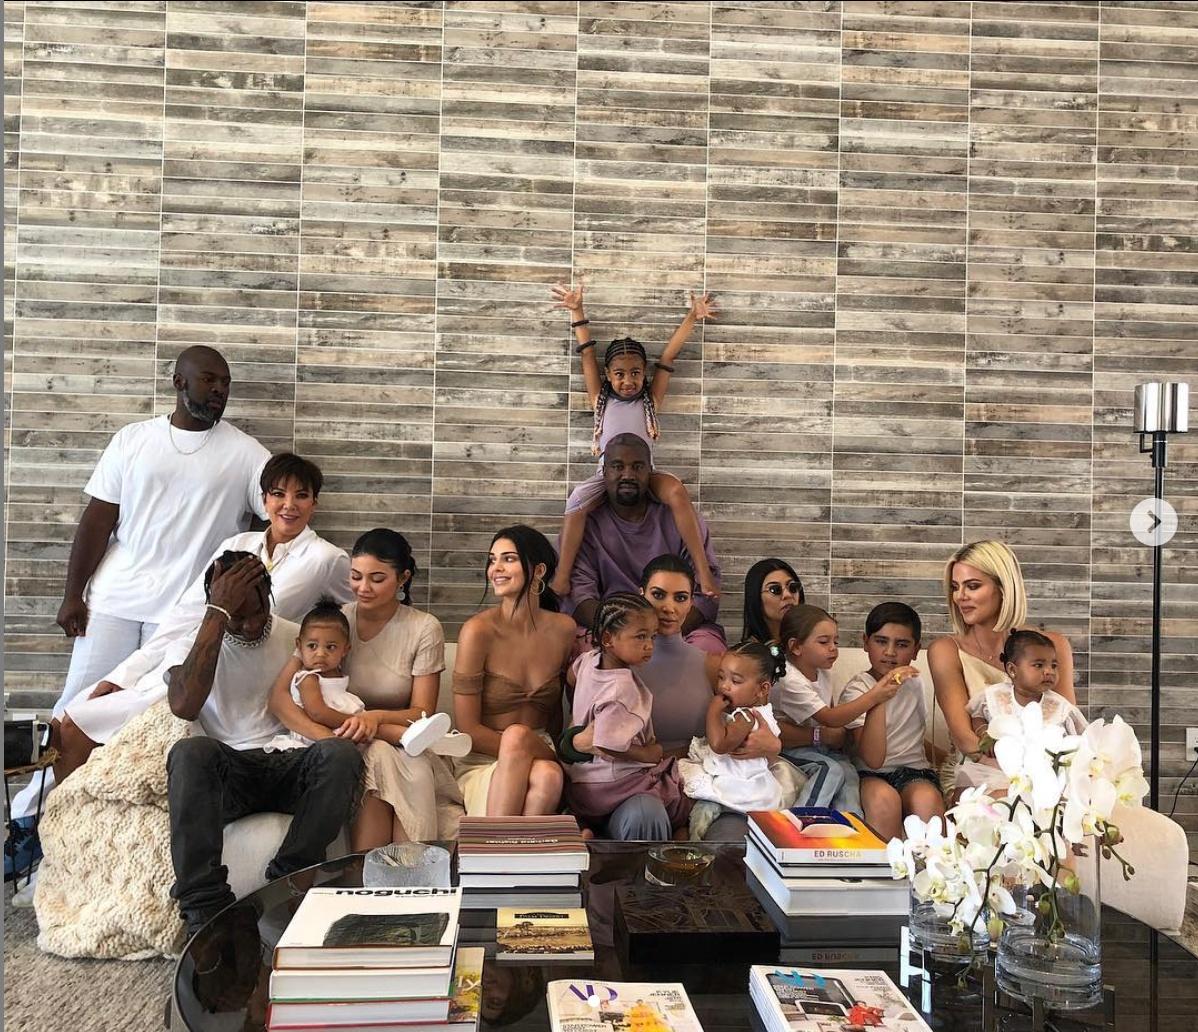 ③いつの間にかキッズがたくさん! カーダシアン/ジェンナー家の最新家族写真が公開